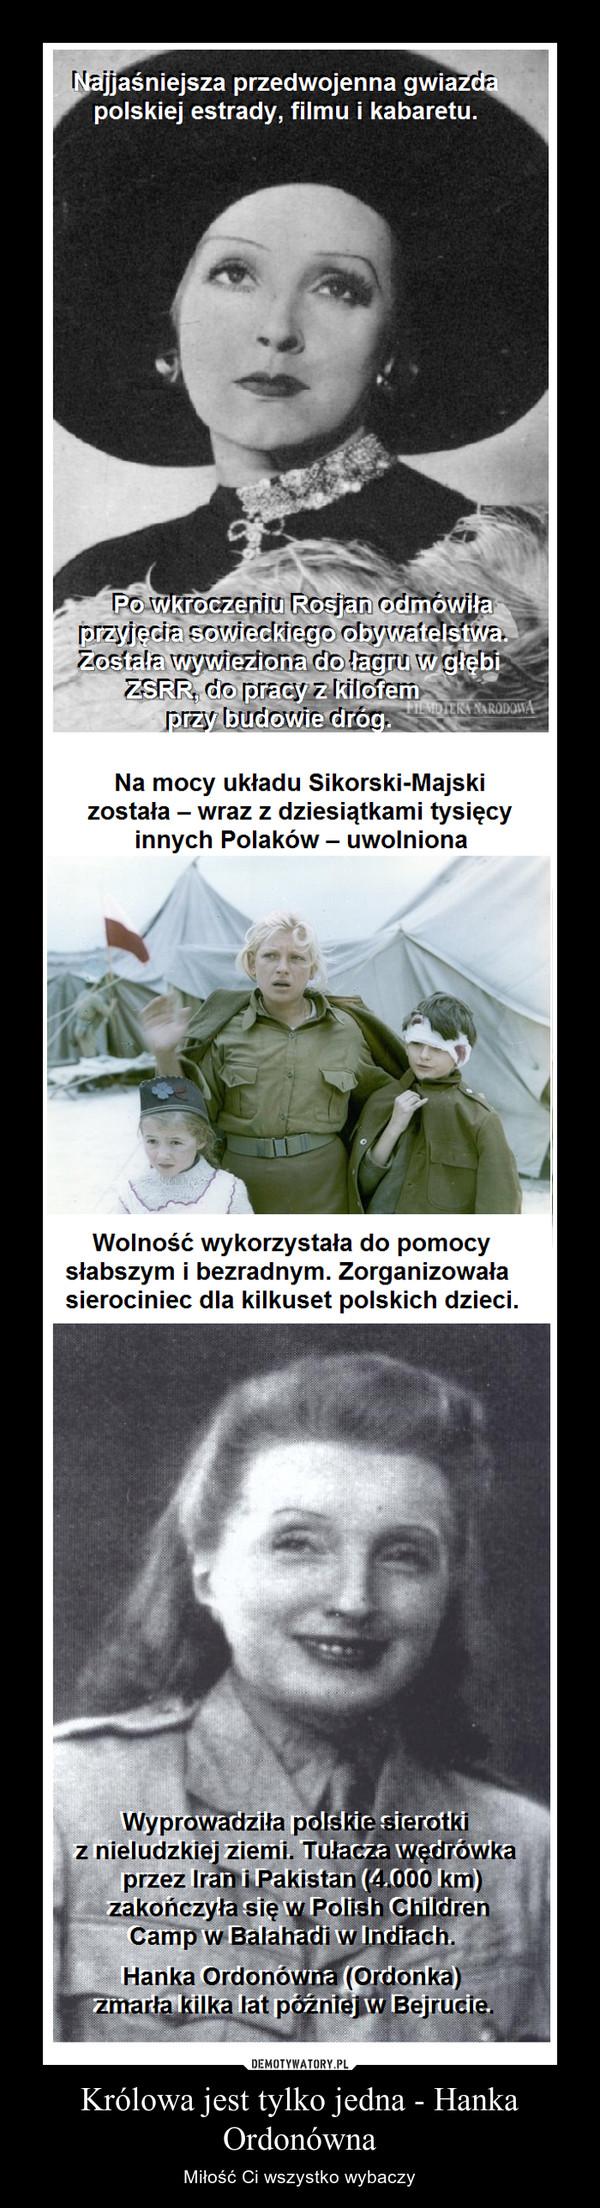 Królowa jest tylko jedna - Hanka Ordonówna – Miłość Ci wszystko wybaczy Najjaśniejsza przedwojenna gwiazdapolskiej estrady, filmu i kabaretu.Na mocy układu Sikorski-Majskizostała - wraz z dziesiątkami tysięcyinnych Polaków - uwolnionaWolność wykorzystała do pomocysłabszym i bezradnym. Zorganizowałasierociniec dla kilkuset polskich dzieci.